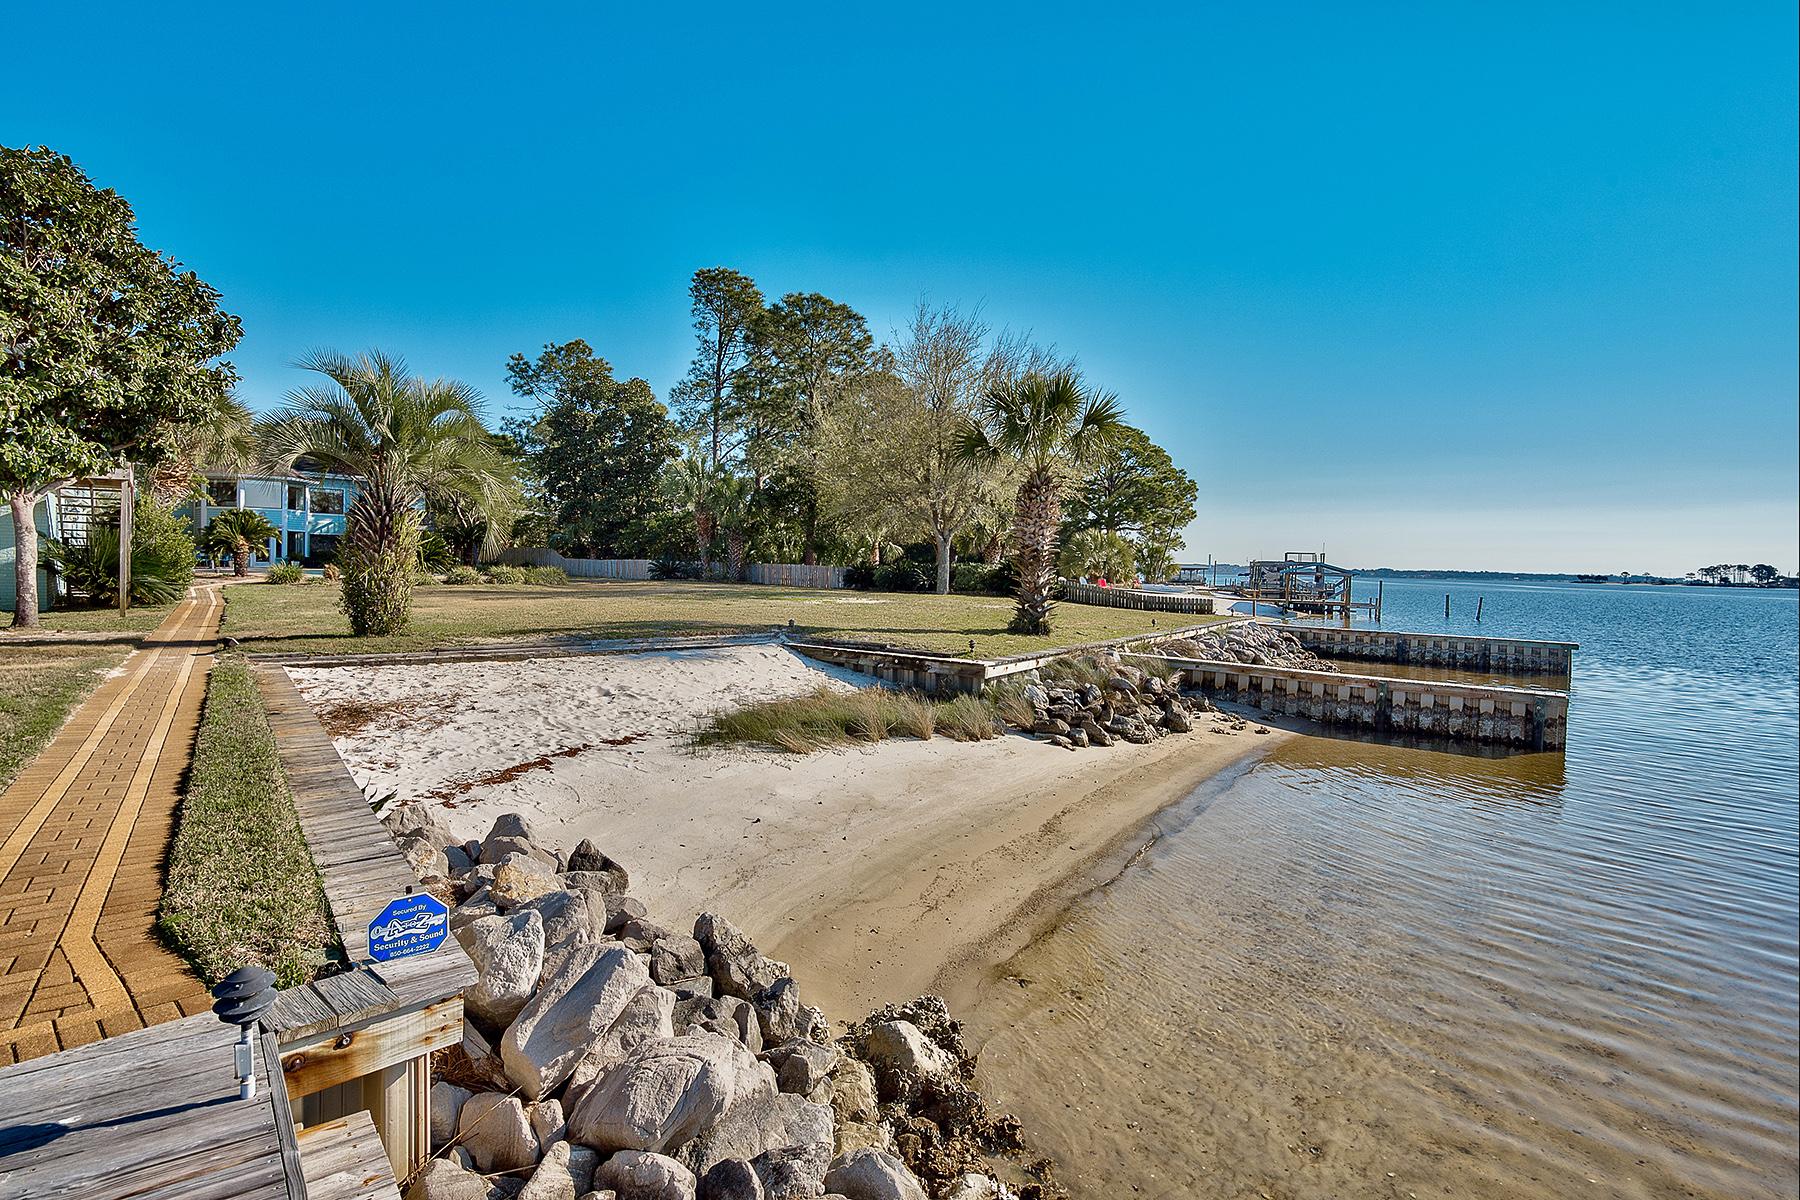 独户住宅 为 销售 在 ULTIMATE WATERFRONT PARADISE HOME WITH 2 STORY DECK 225 NE Beachview Drive 华尔顿堡滩, 佛罗里达州, 32547 美国